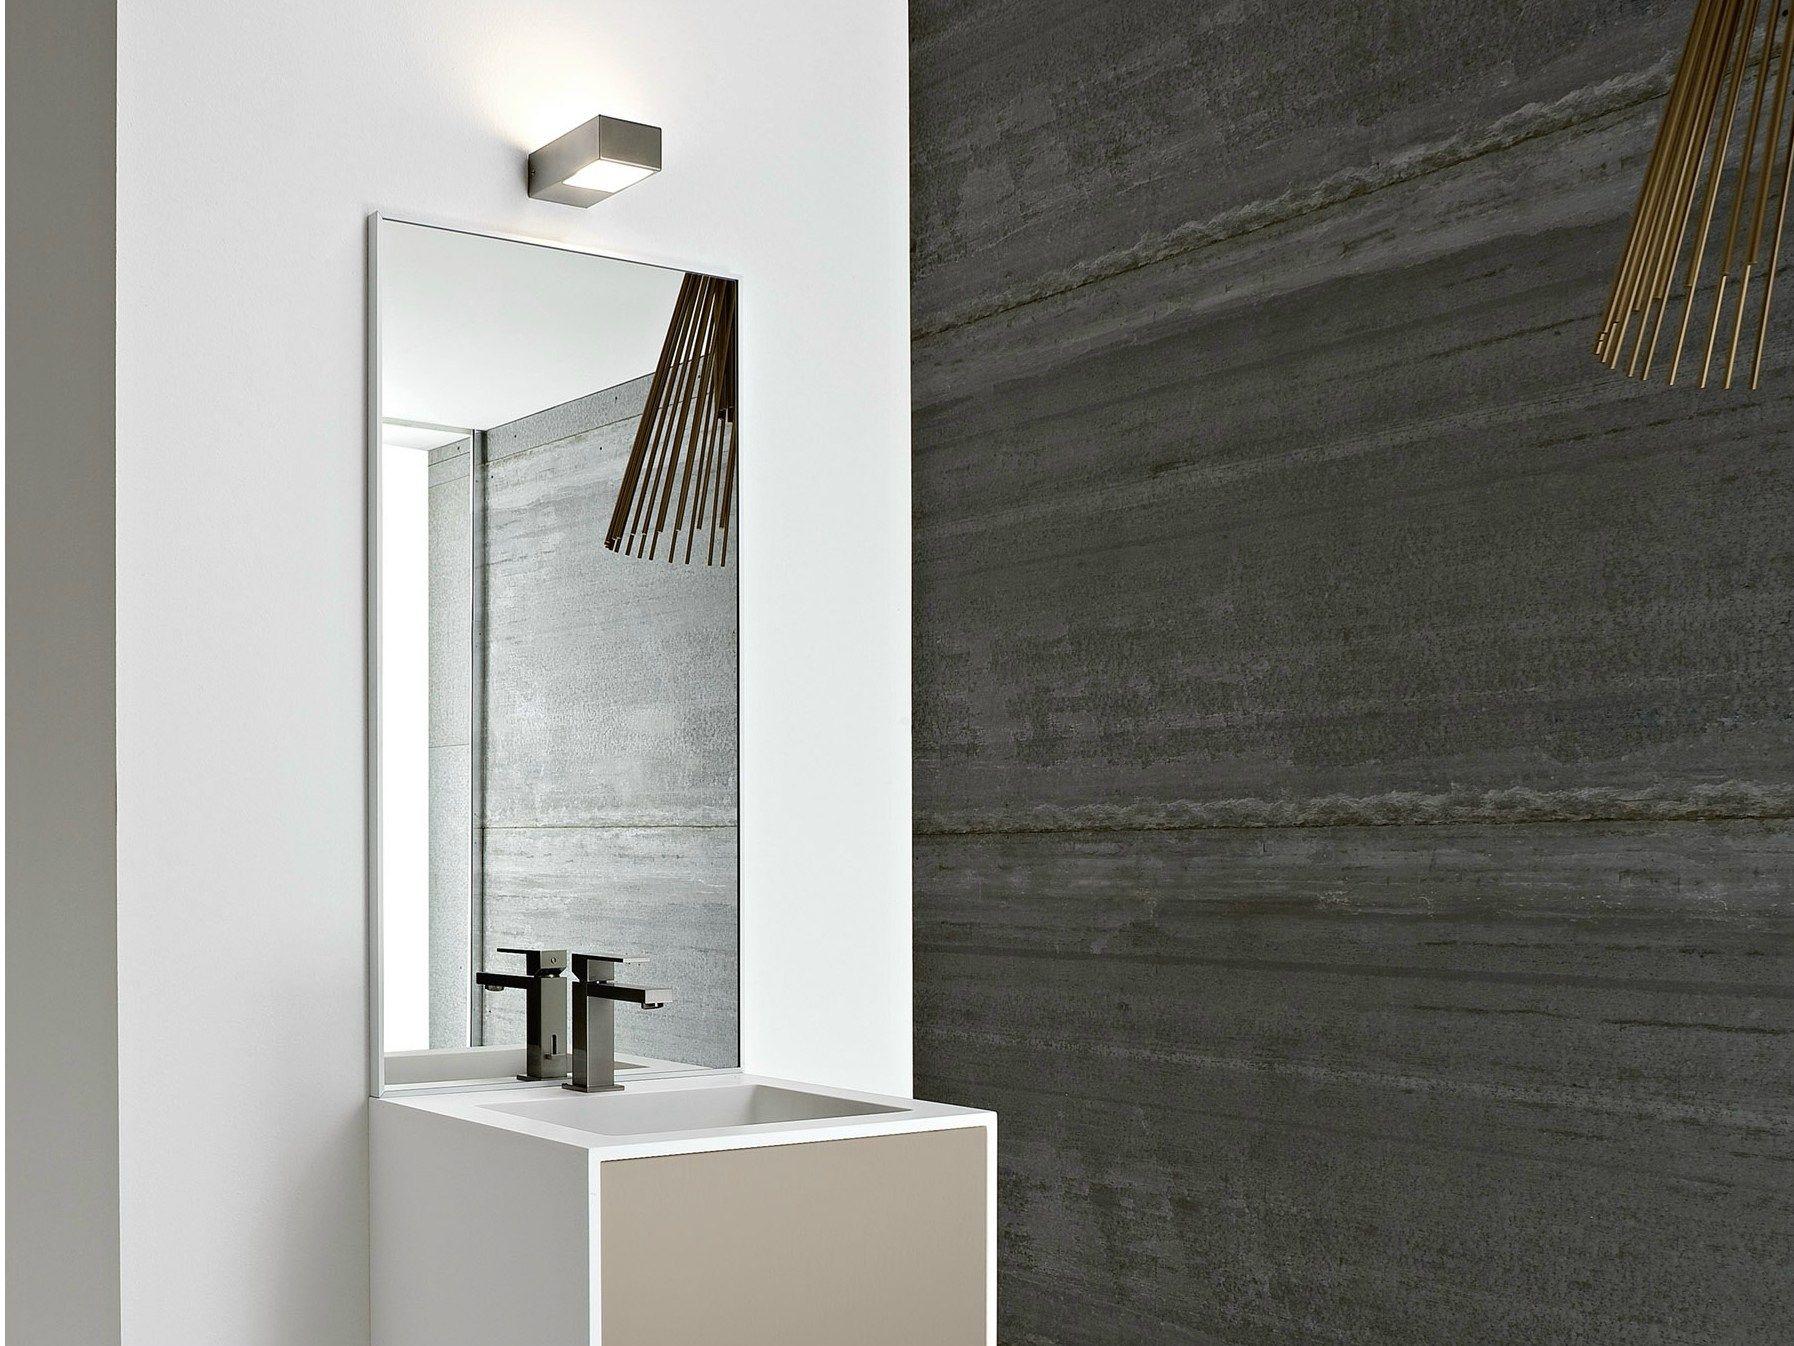 Unico specchio bagno by rexa design - Specchio bagno design ...